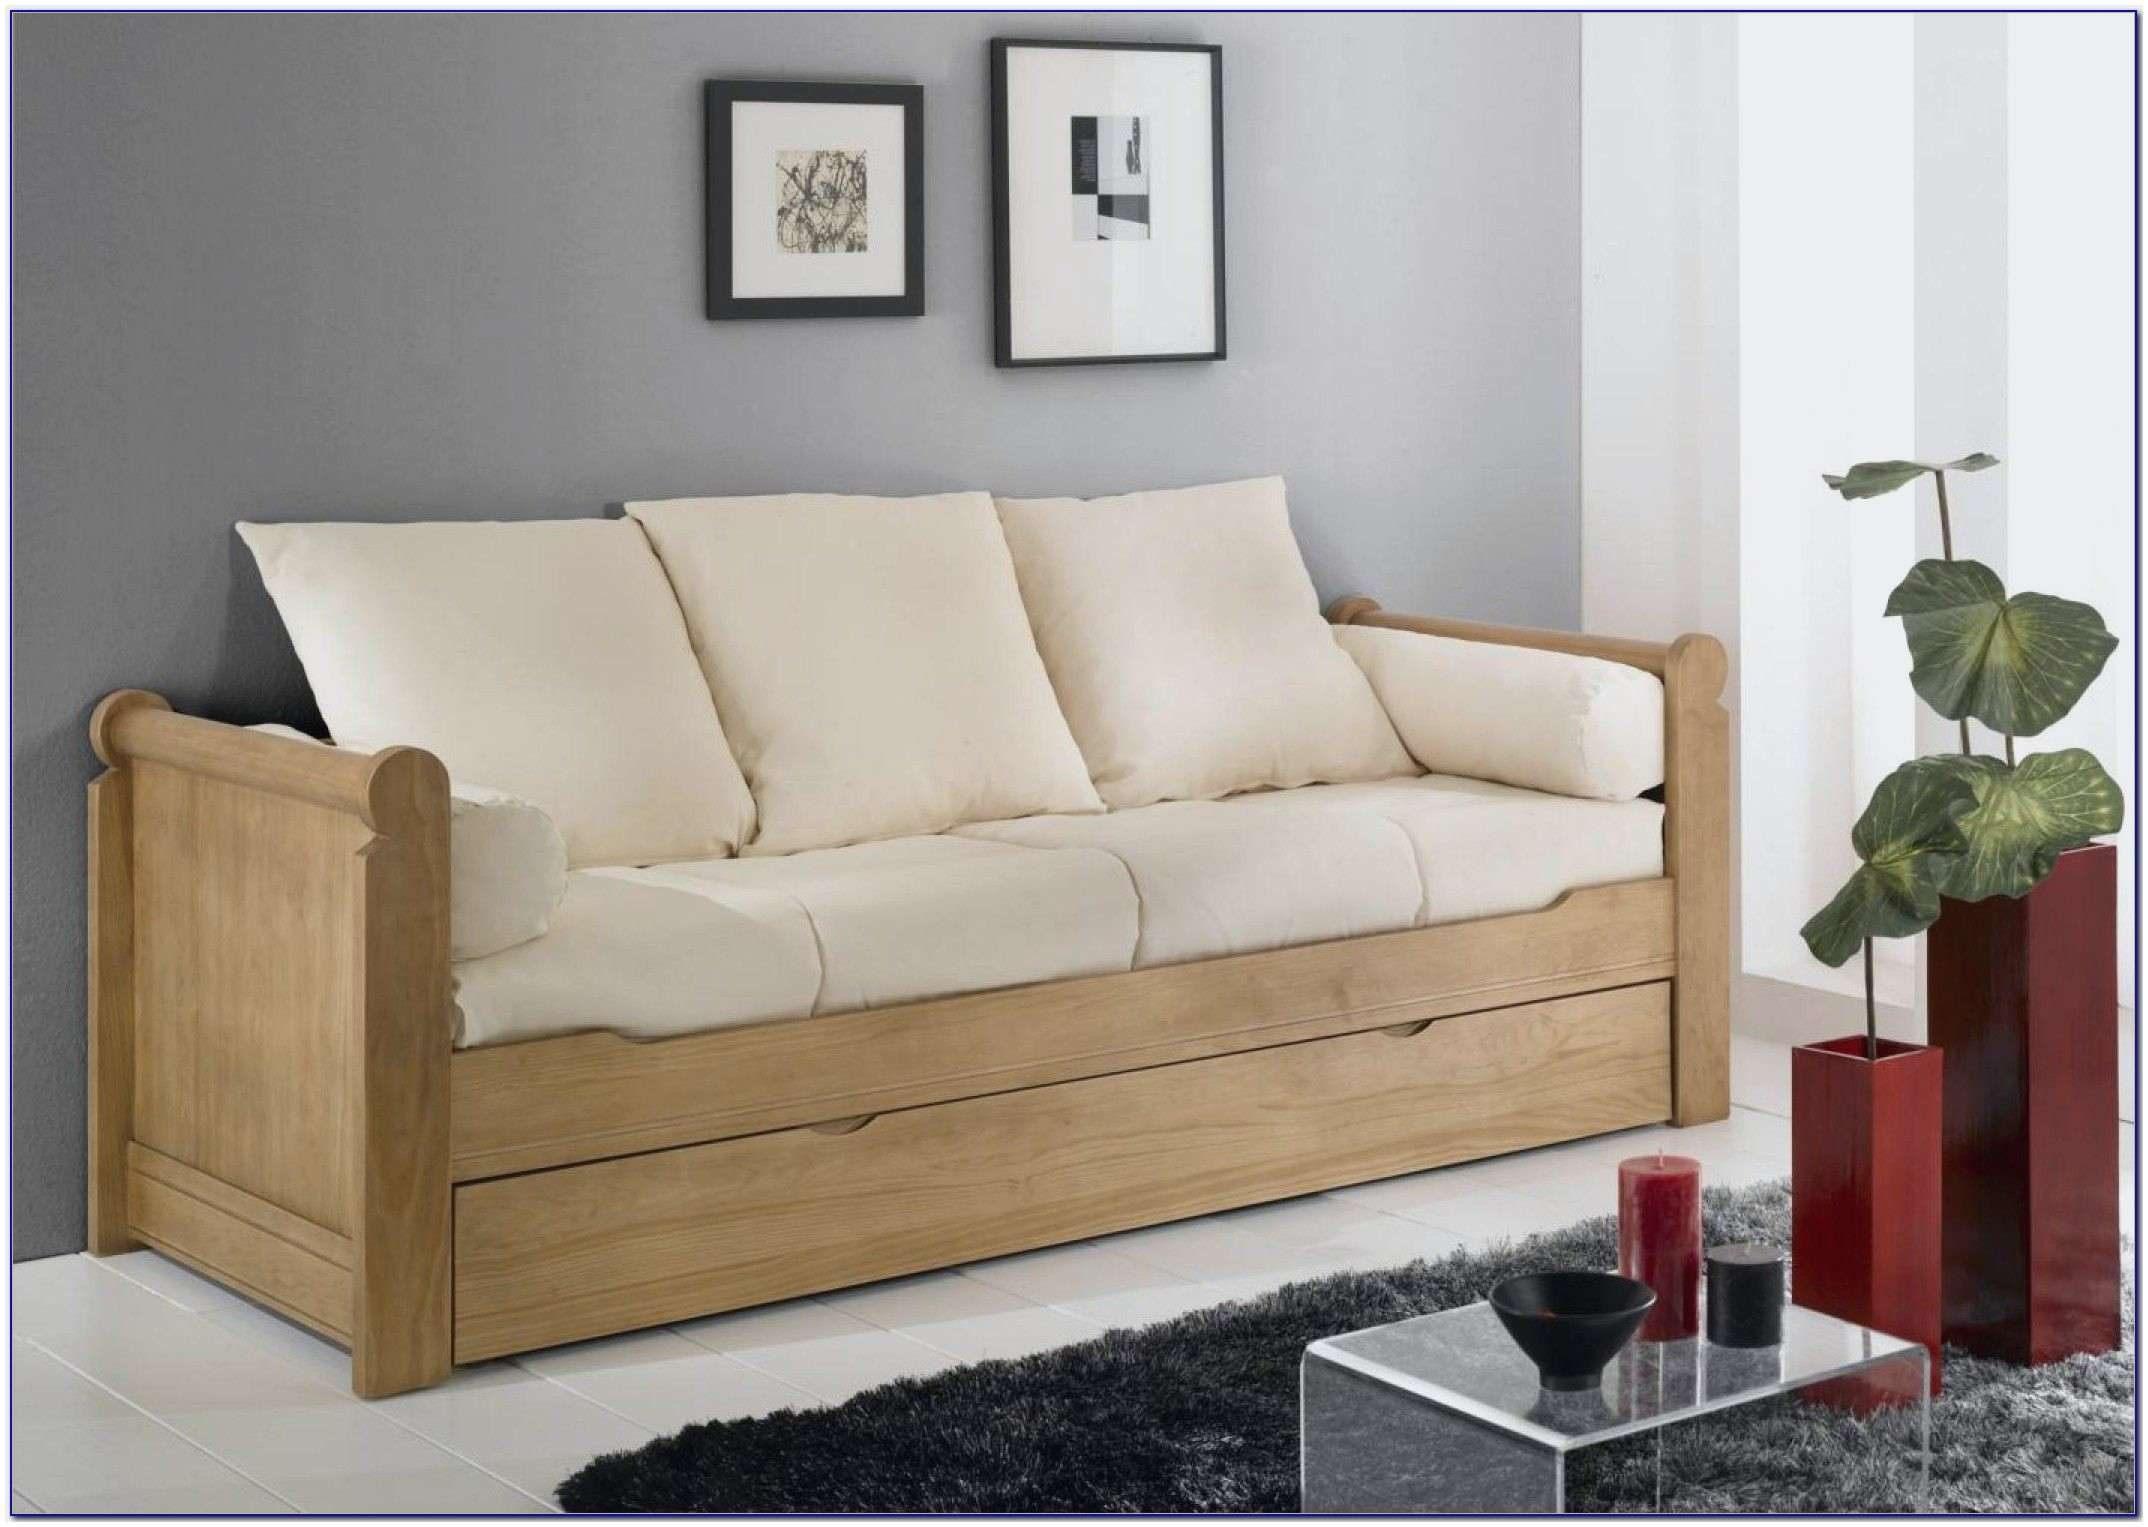 Nouveau Luxury Canapé Lit Matelas Pour Option Canapé Convertible 2